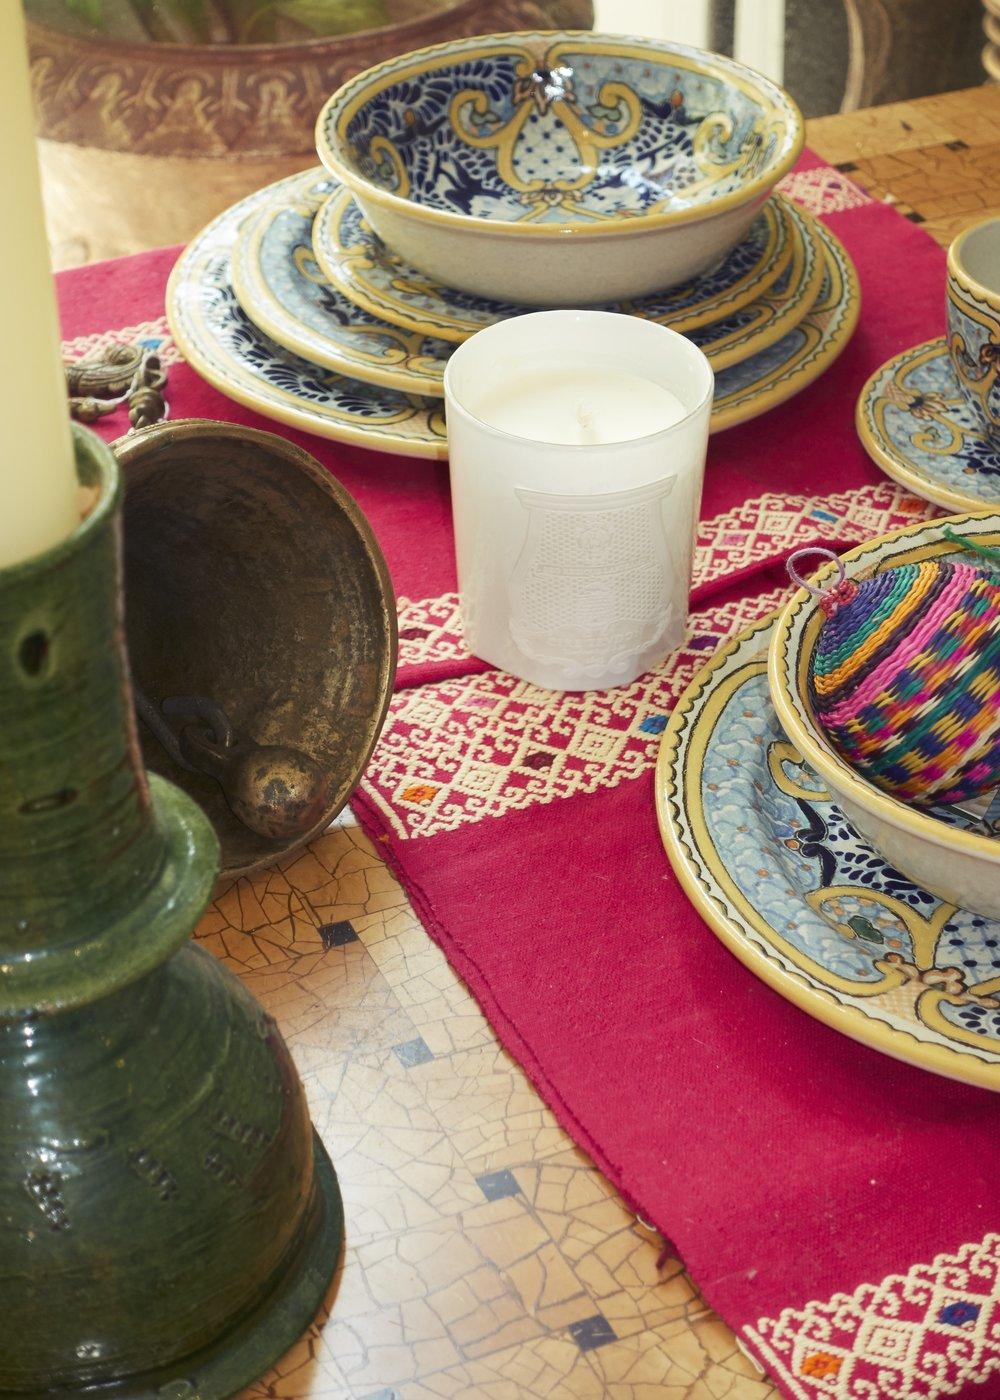 Vela de  CIRE TRUDON  y vajilla hecha en México disponible en  CASA CHIQUI.